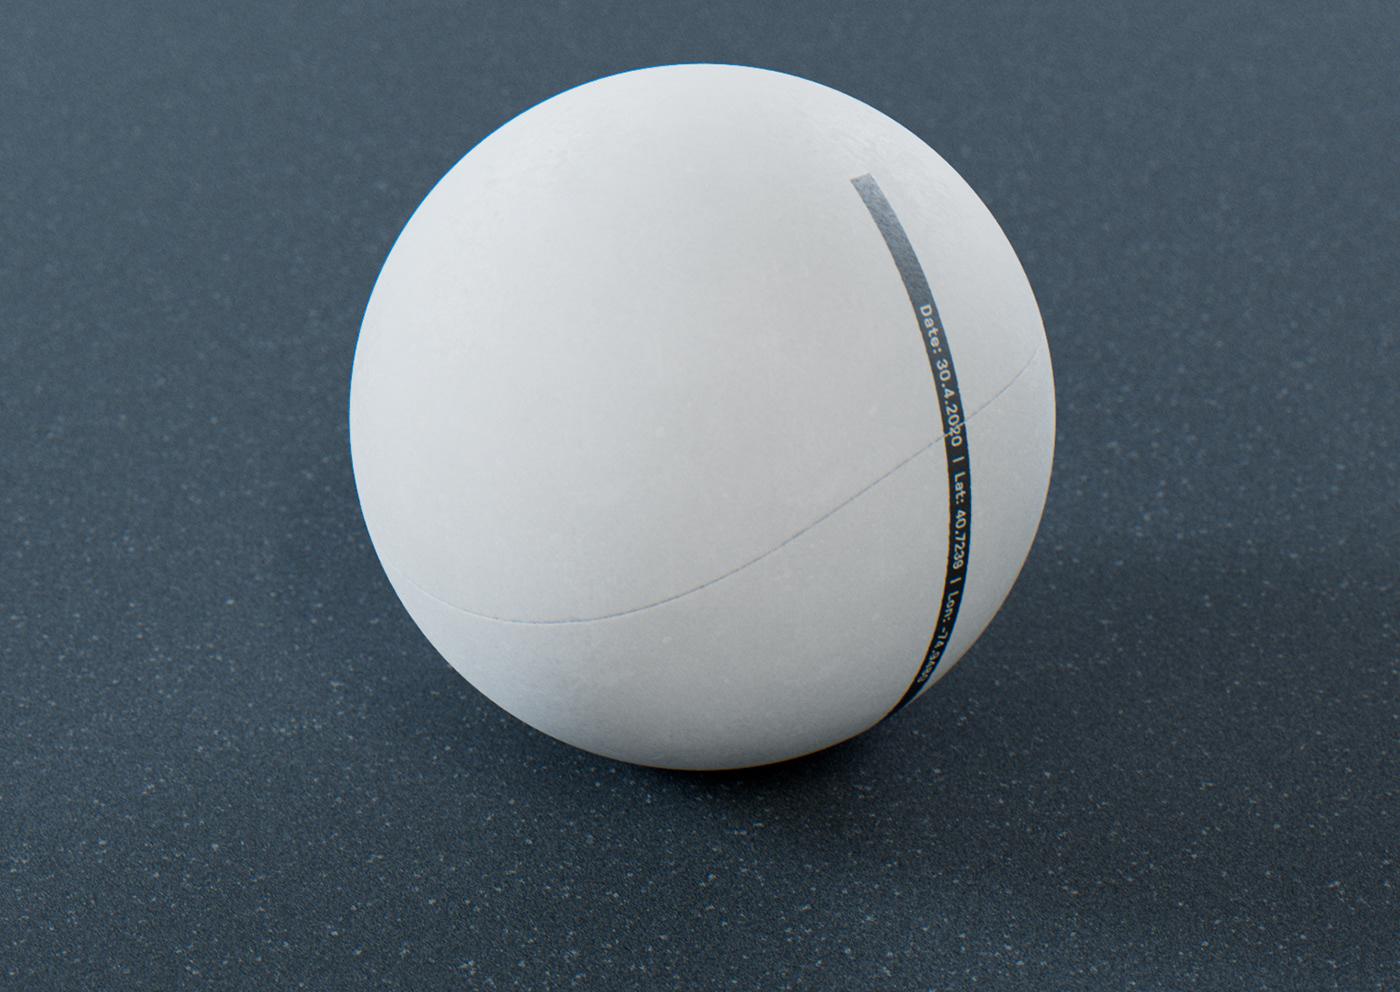 Image may contain: ball